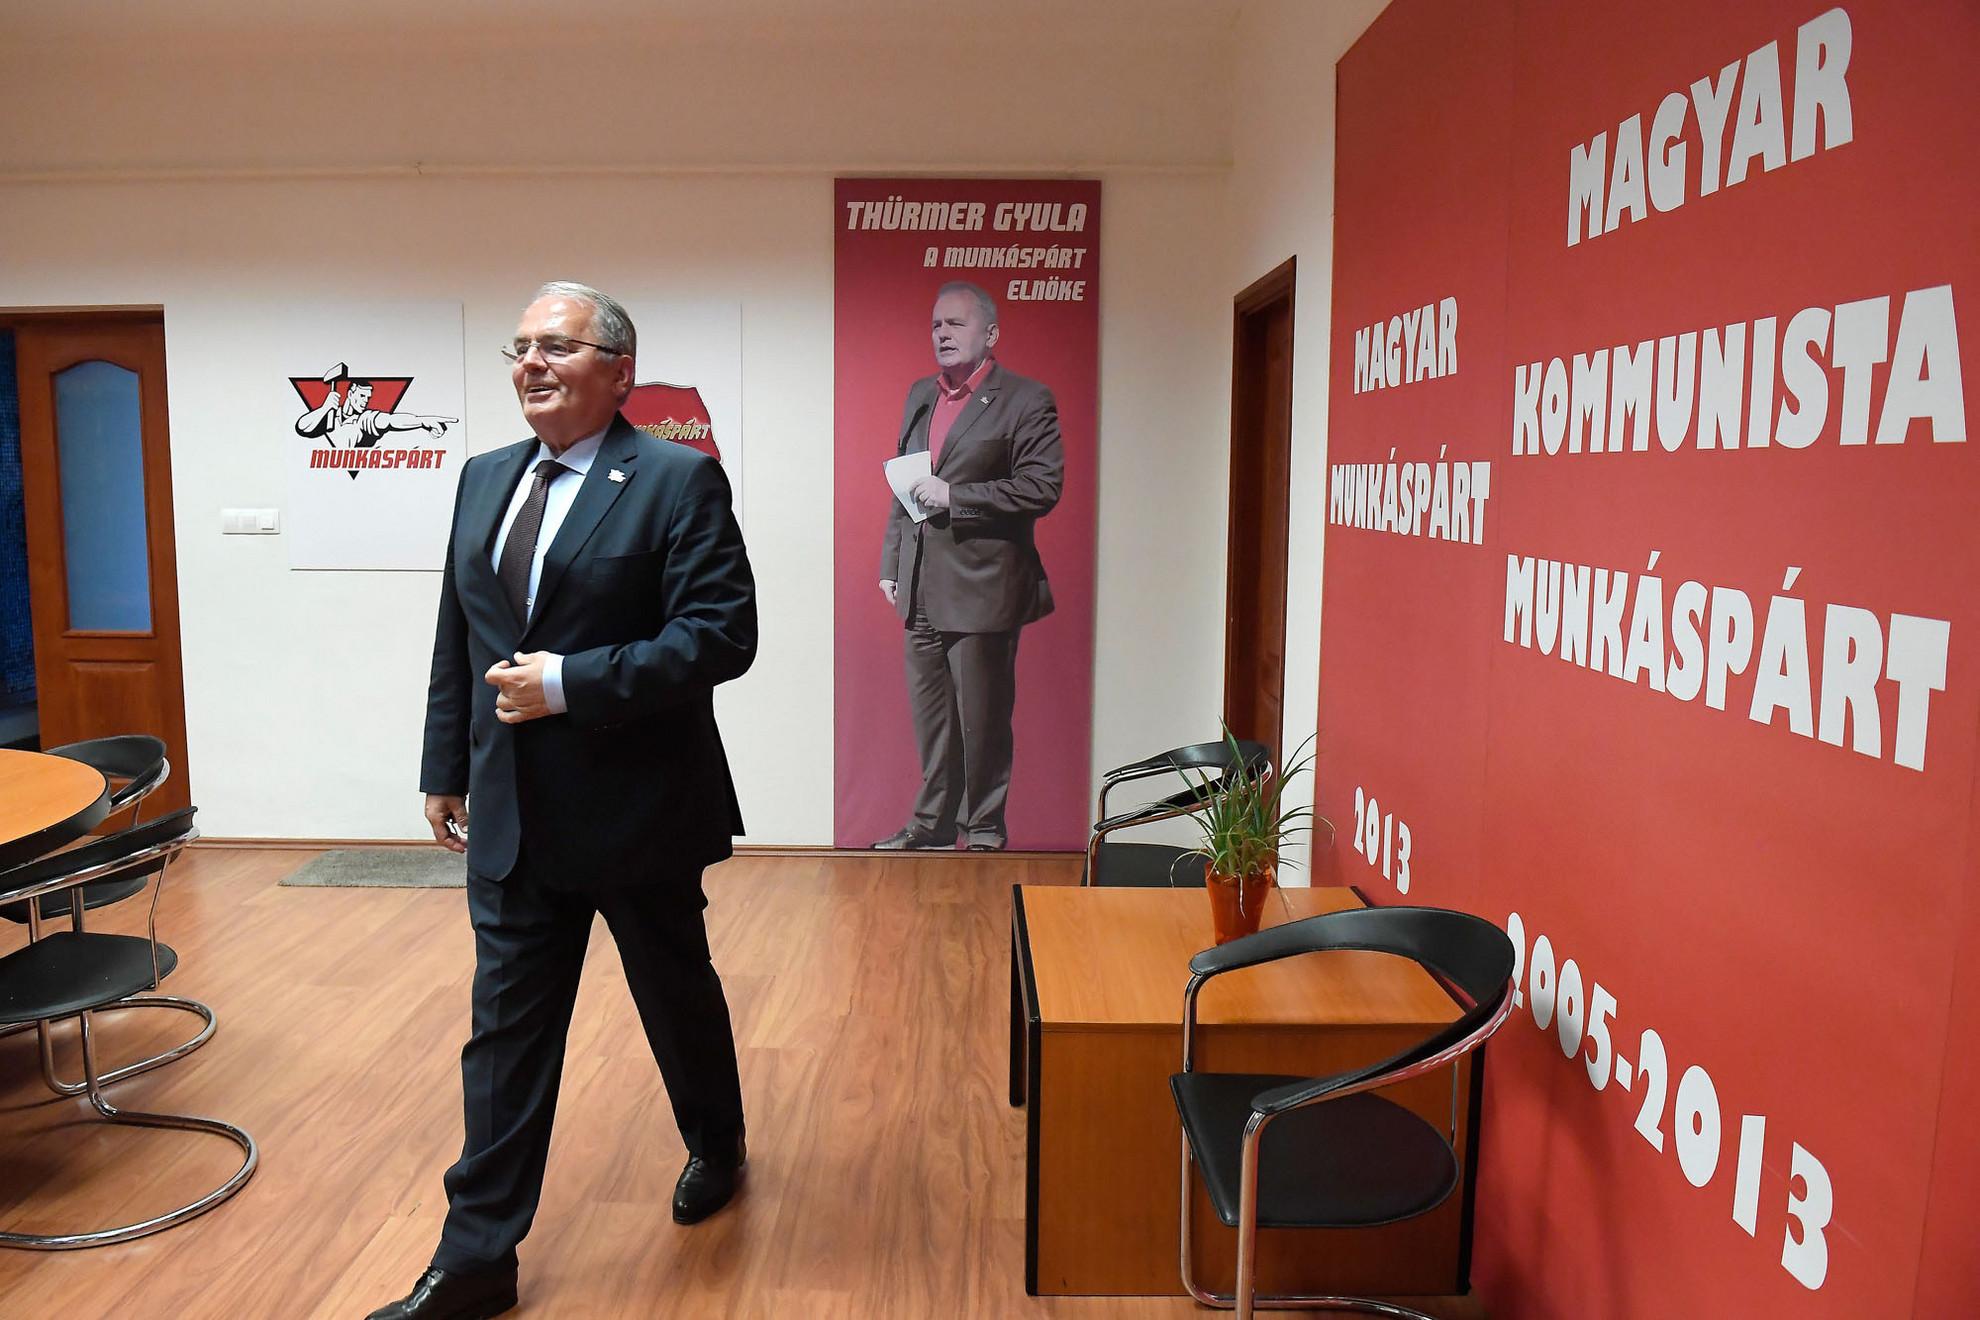 Thürmer Gyula szerint a Munkáspárt elérte kitűzött célját, hiszen azok közé a pártok közé tartozik, akik listát tudtak állítani az EP-választáson